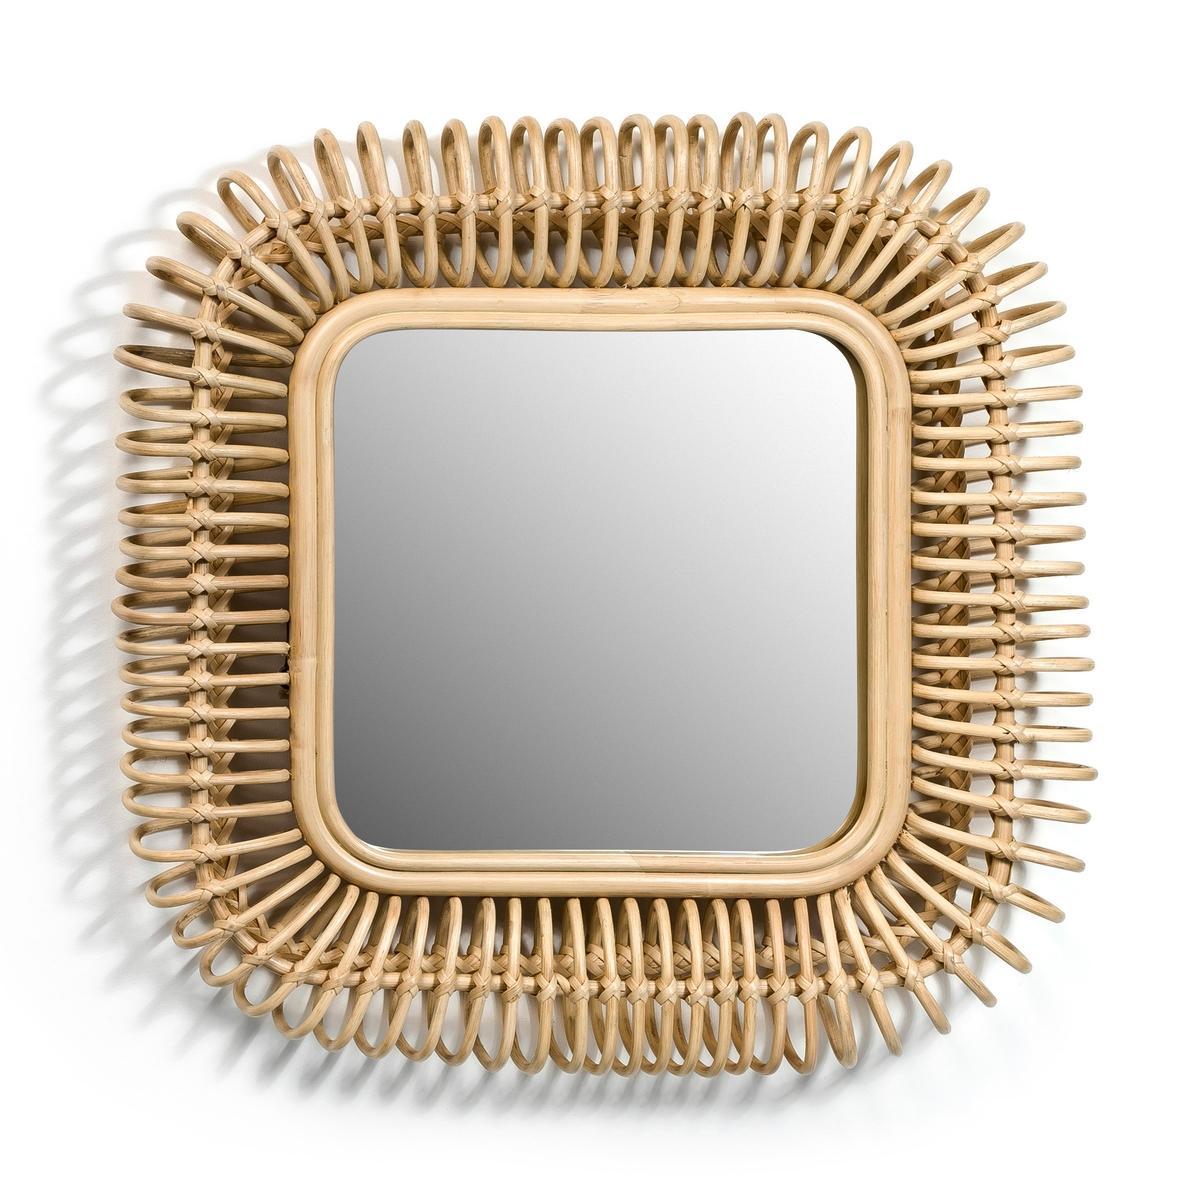 Зеркало La Redoute Квадратное из ротанга Ш55 x В55 см Tarsile единый размер бежевый зеркало la redoute прямоугольное д x в см barbier единый размер другие